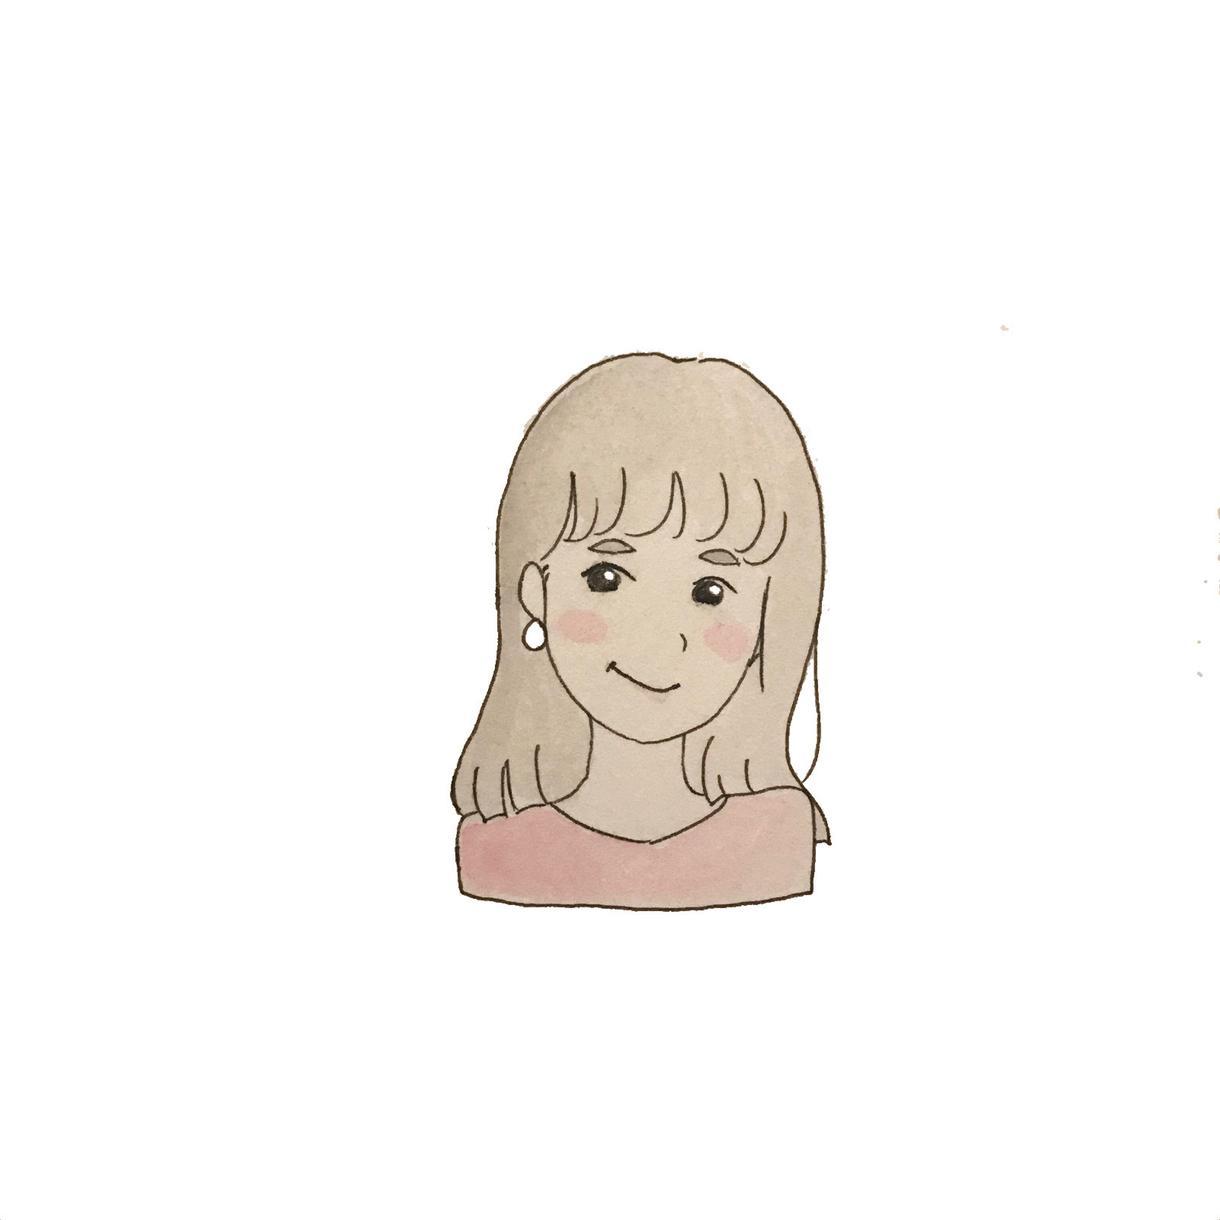 やわらかい雰囲気で似顔絵を描きます アイコンやちょっとした贈り物に イメージ1